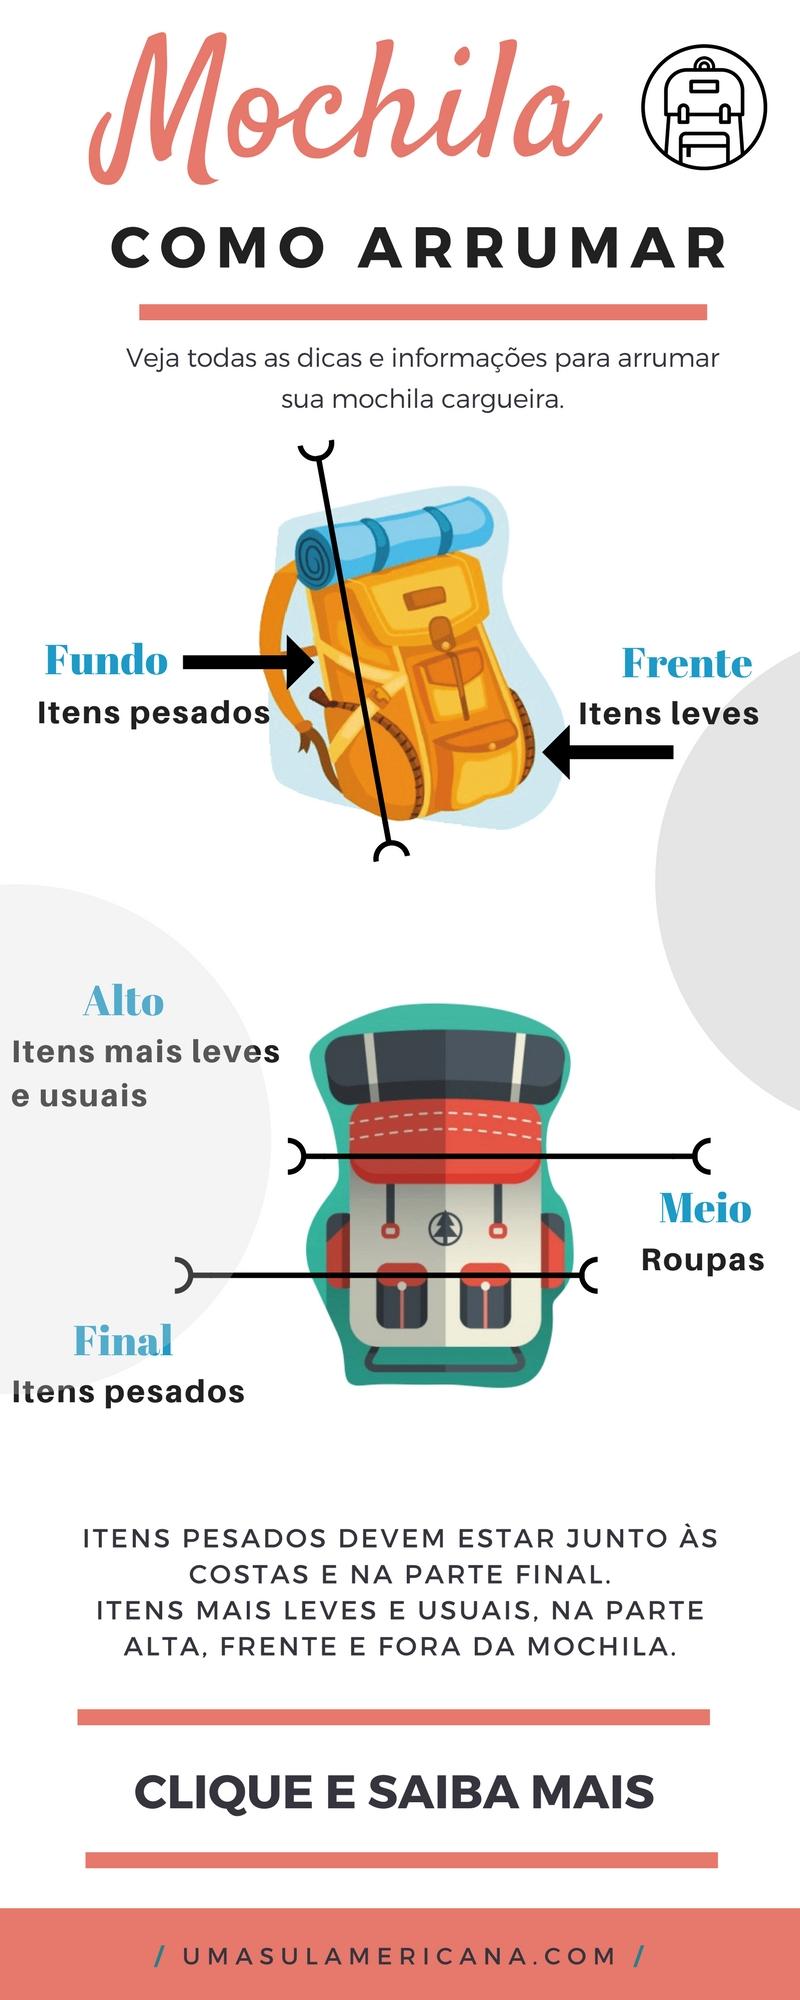 Como arrumar e ajustar a mochila cargueira. Todas as dicas e informações que você precisa saber para arrumar a mochila para viajar